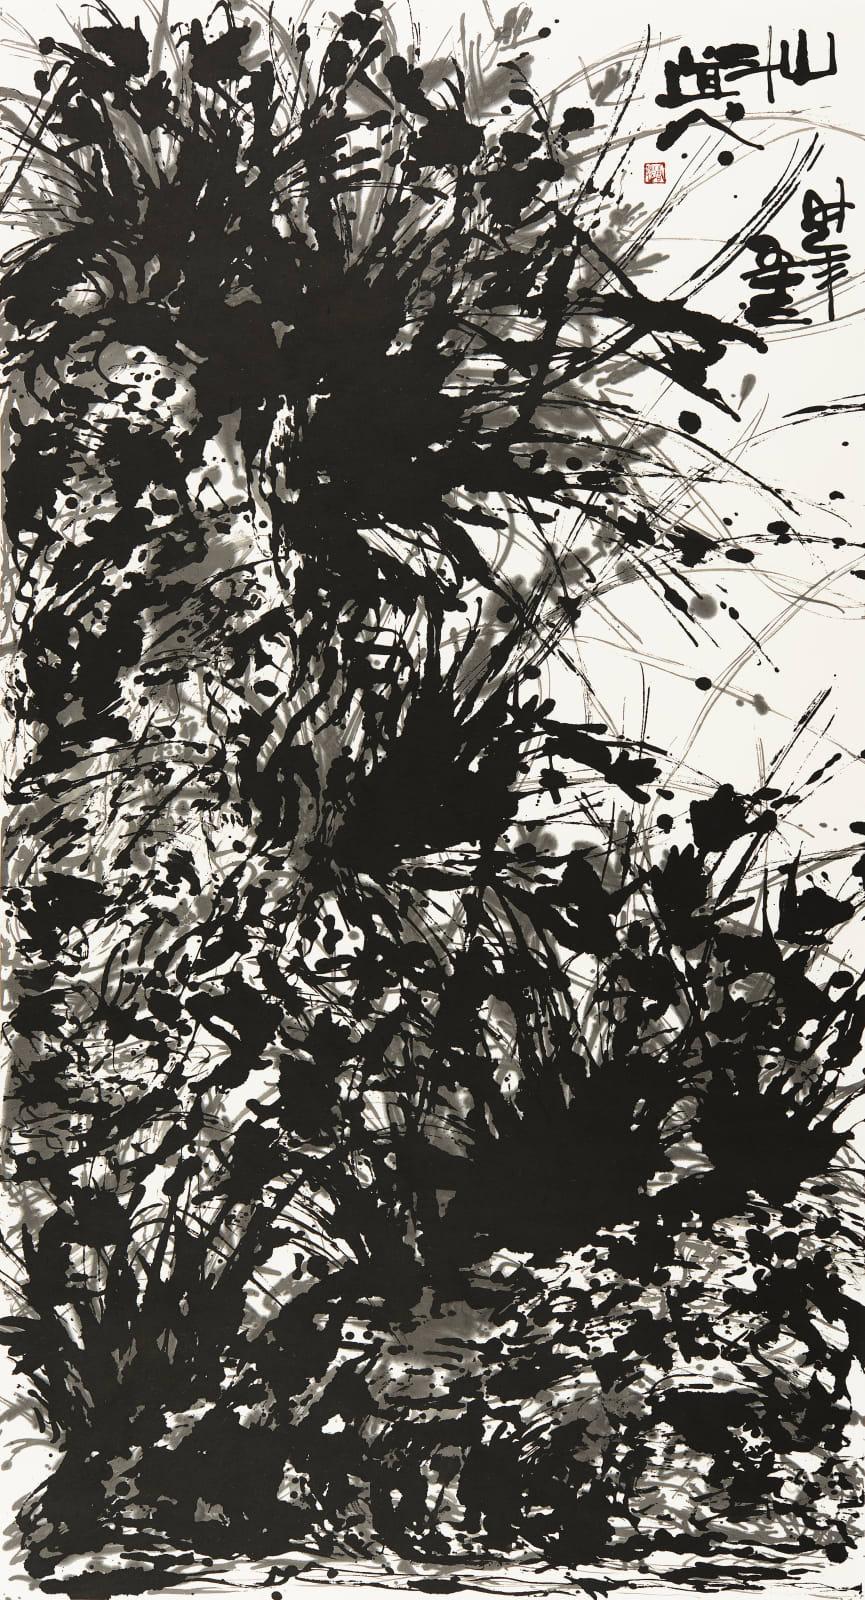 Wesley Tongson 唐家偉, Orchid 蘭 No. 1122, 2010